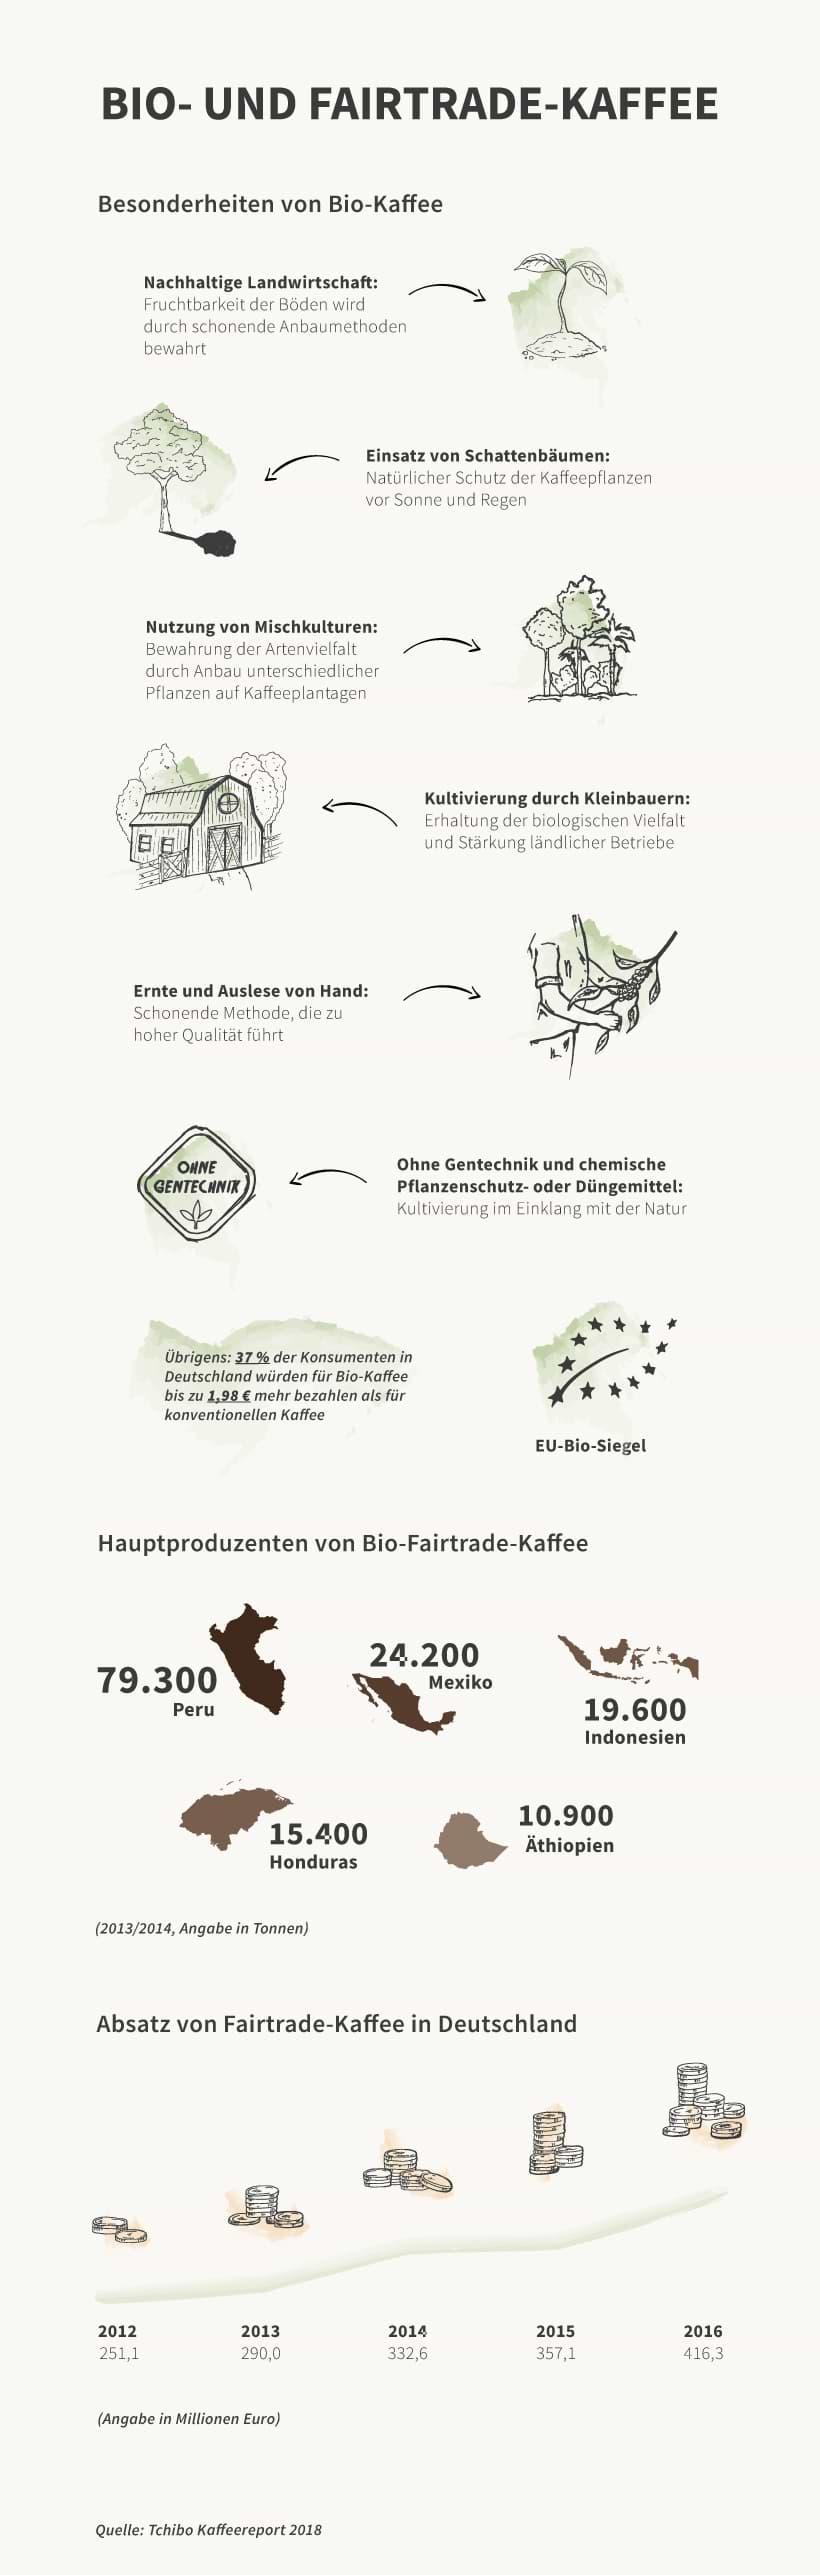 Infografik zu Bio- und Fairtrade-Kaffee